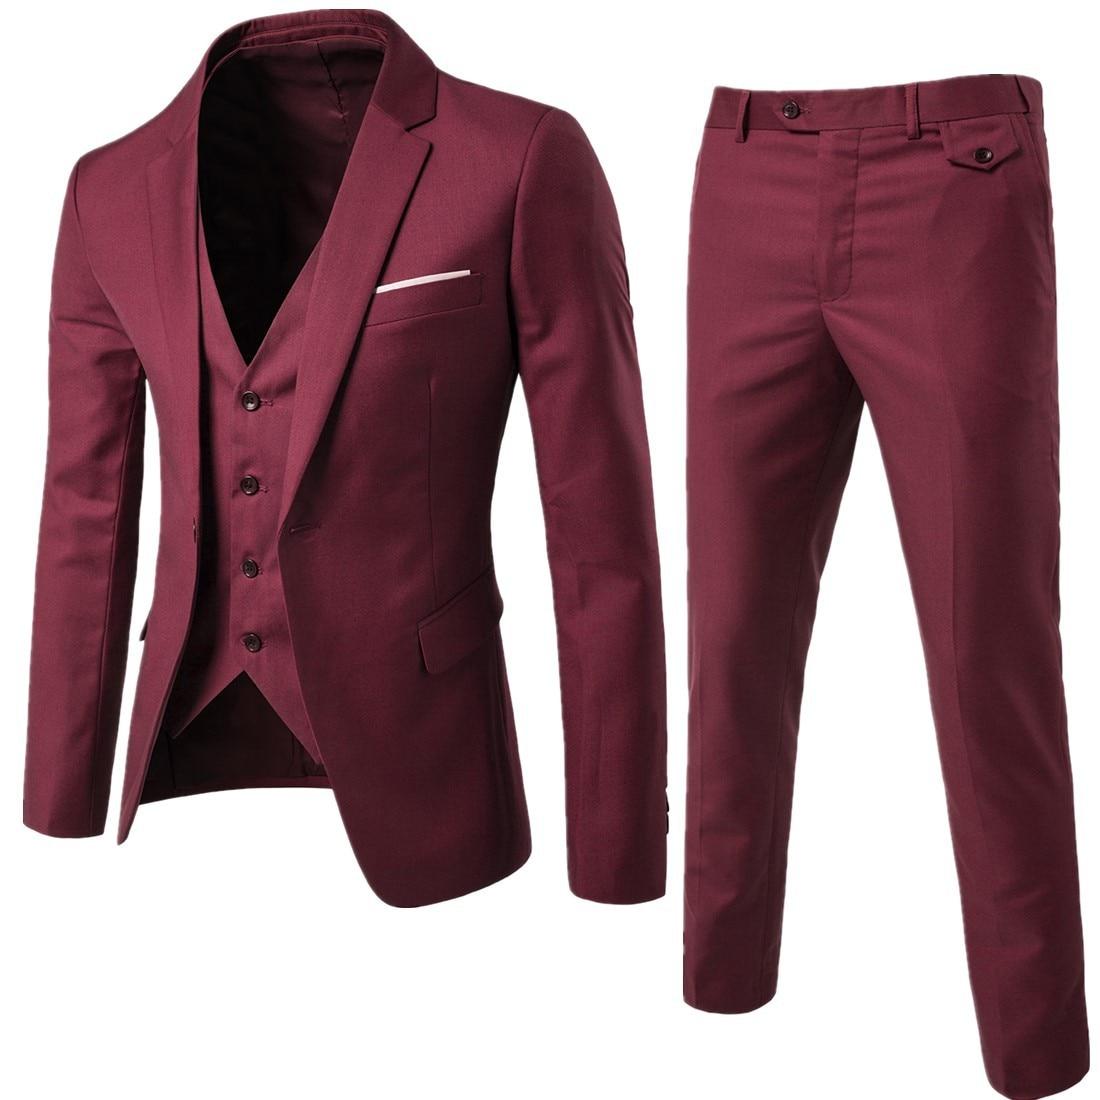 Costume d'affaires décontracté hommes 2018New arrivée hommes costumes de bonne qualité costumes de mariage pour hommes 3 pièces (veste + pantalon + gilet) Costume Homme